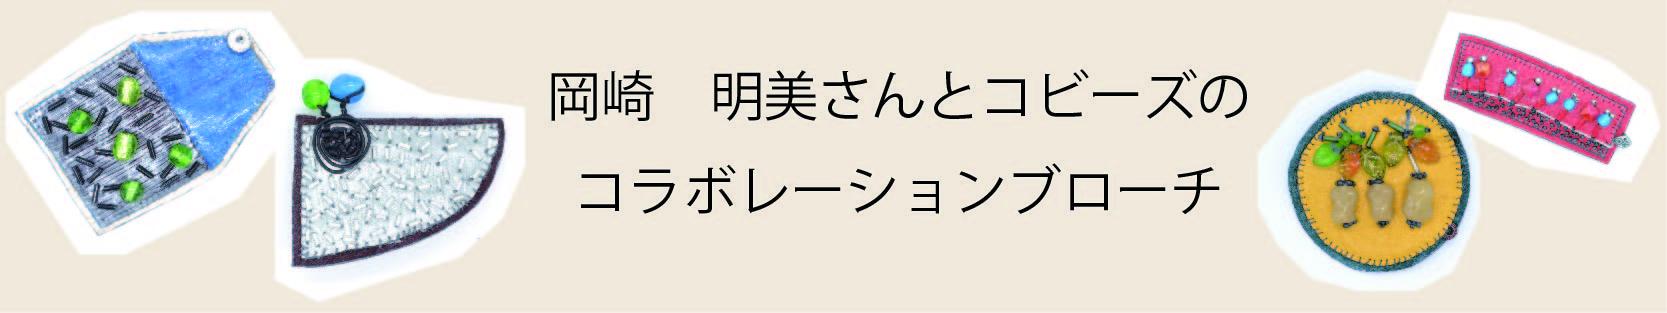 岡崎さんとコビーズのコラボレーションブローチ